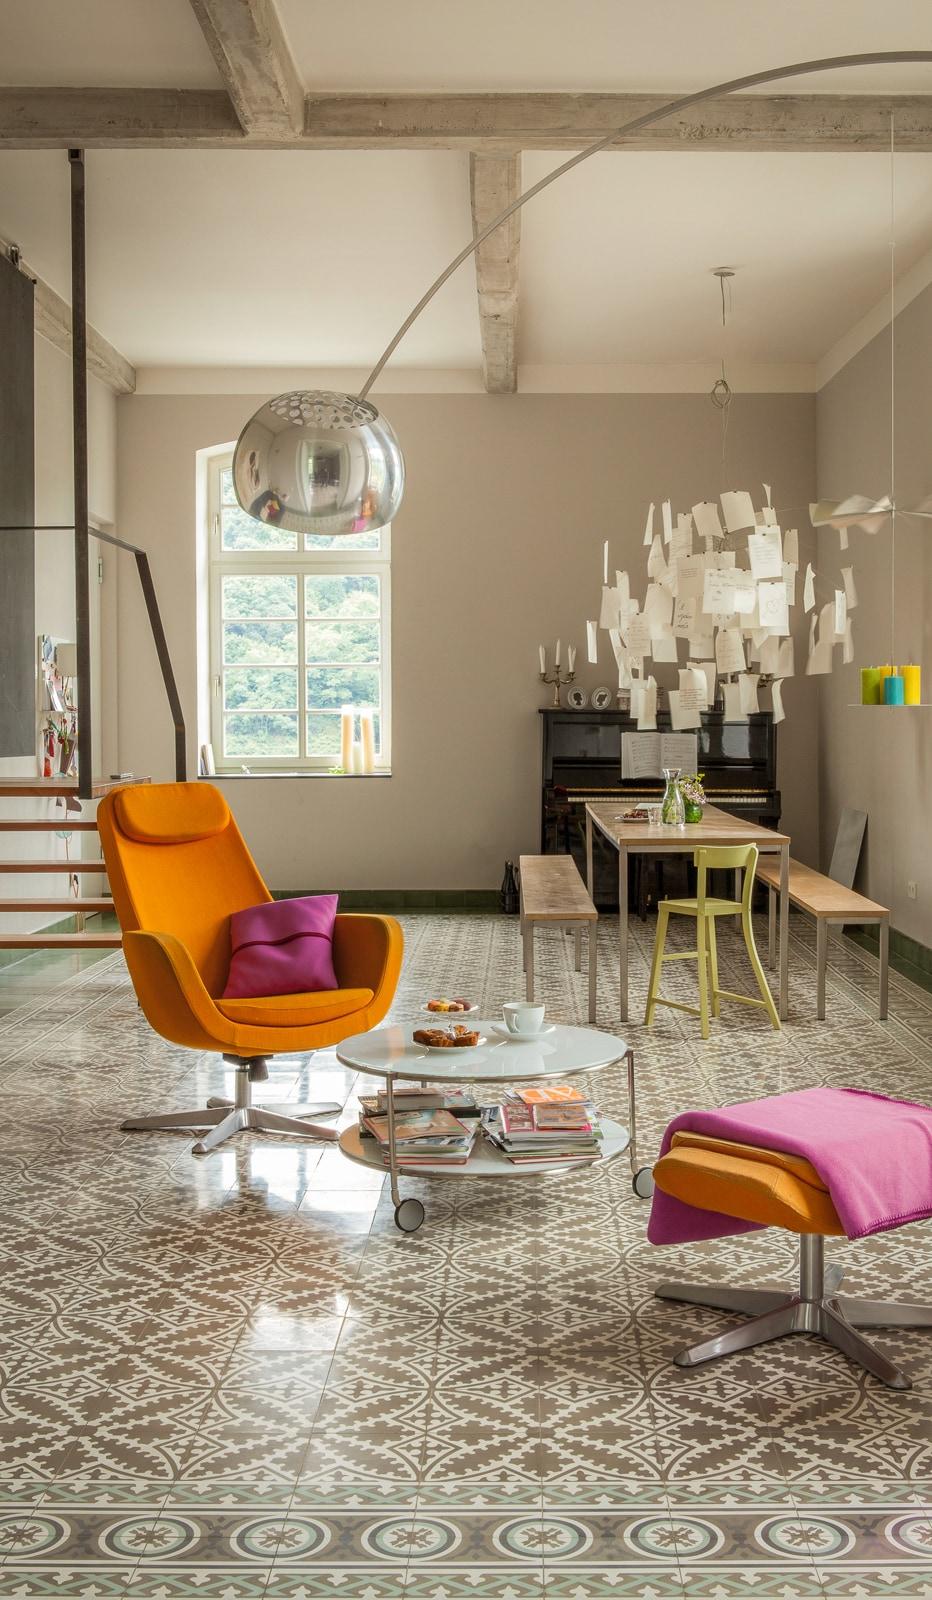 zementmosaikplatten-17354-living-barcelona-muster-salon-viaplatten | 17354